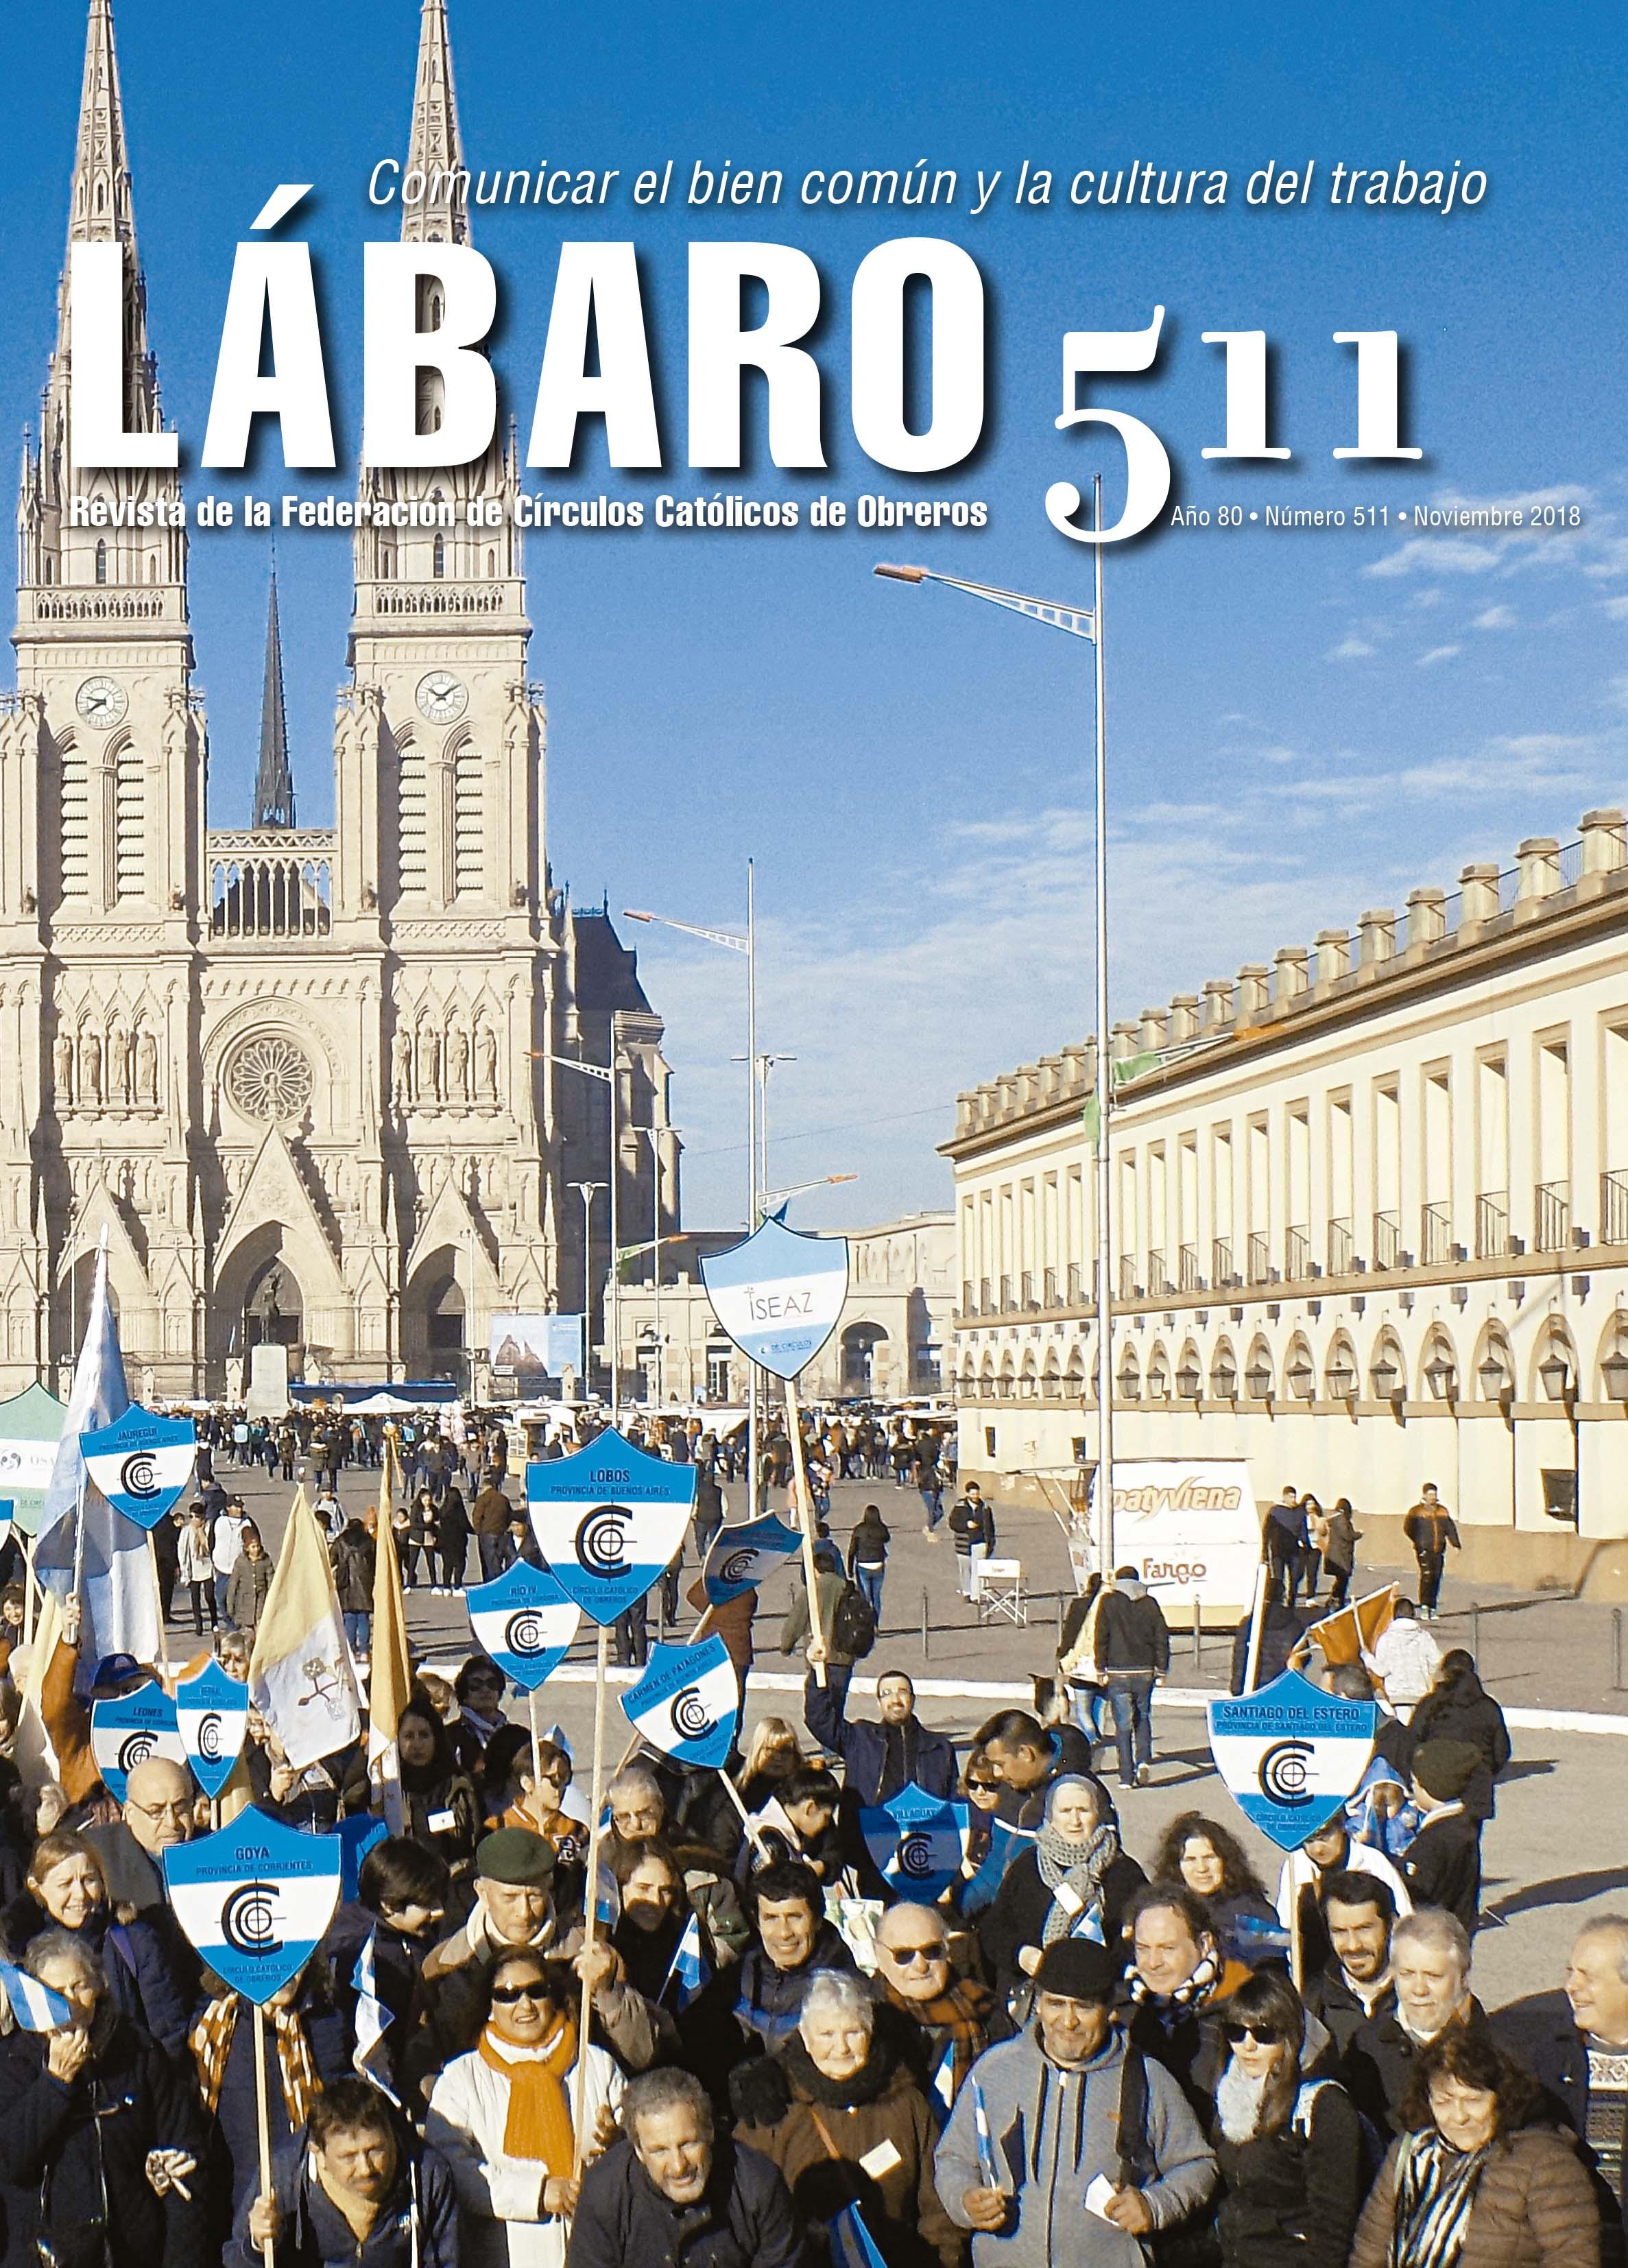 Labaro 511 Tapa